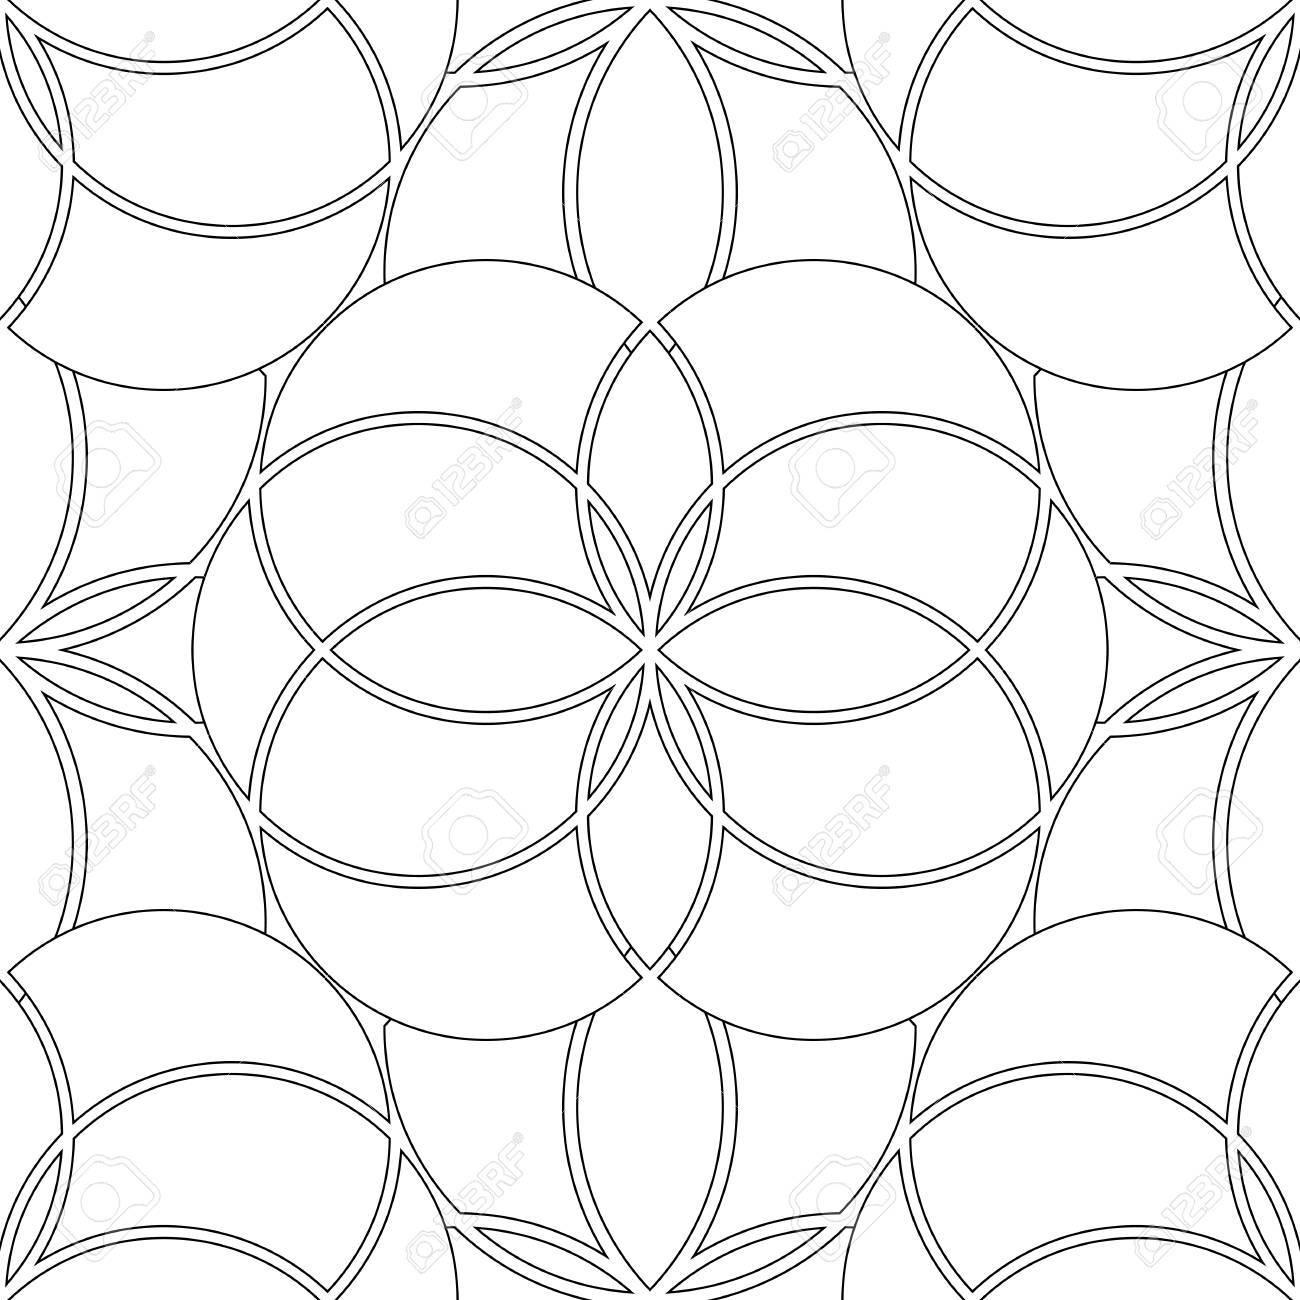 Wunderbar Geometrie Malvorlagen Zeitgenössisch - Malvorlagen Von ...